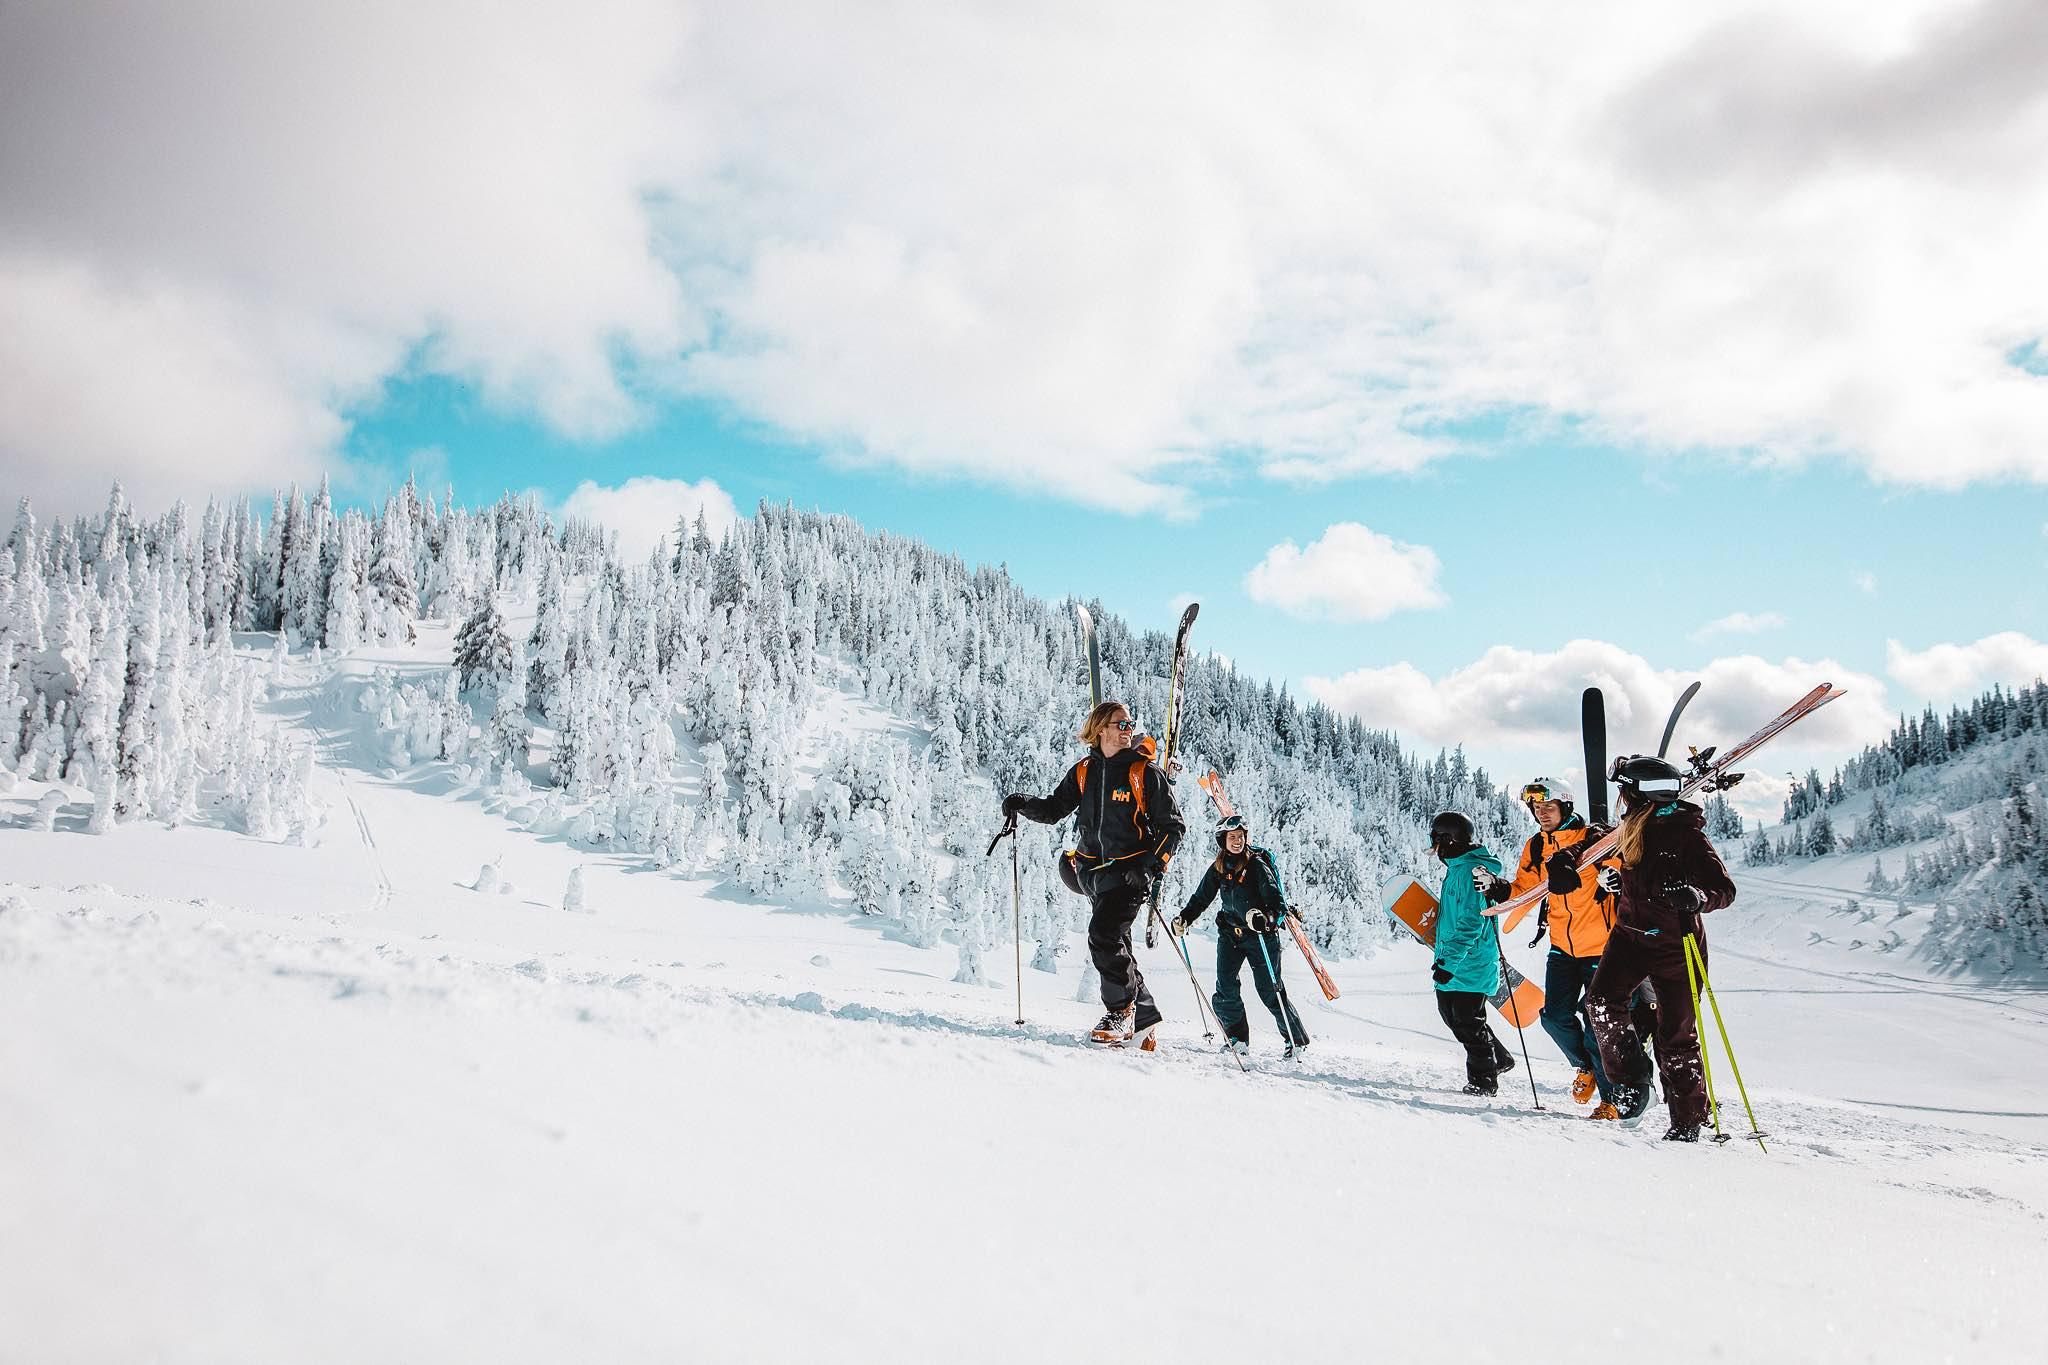 Are you prepared for the ski season?